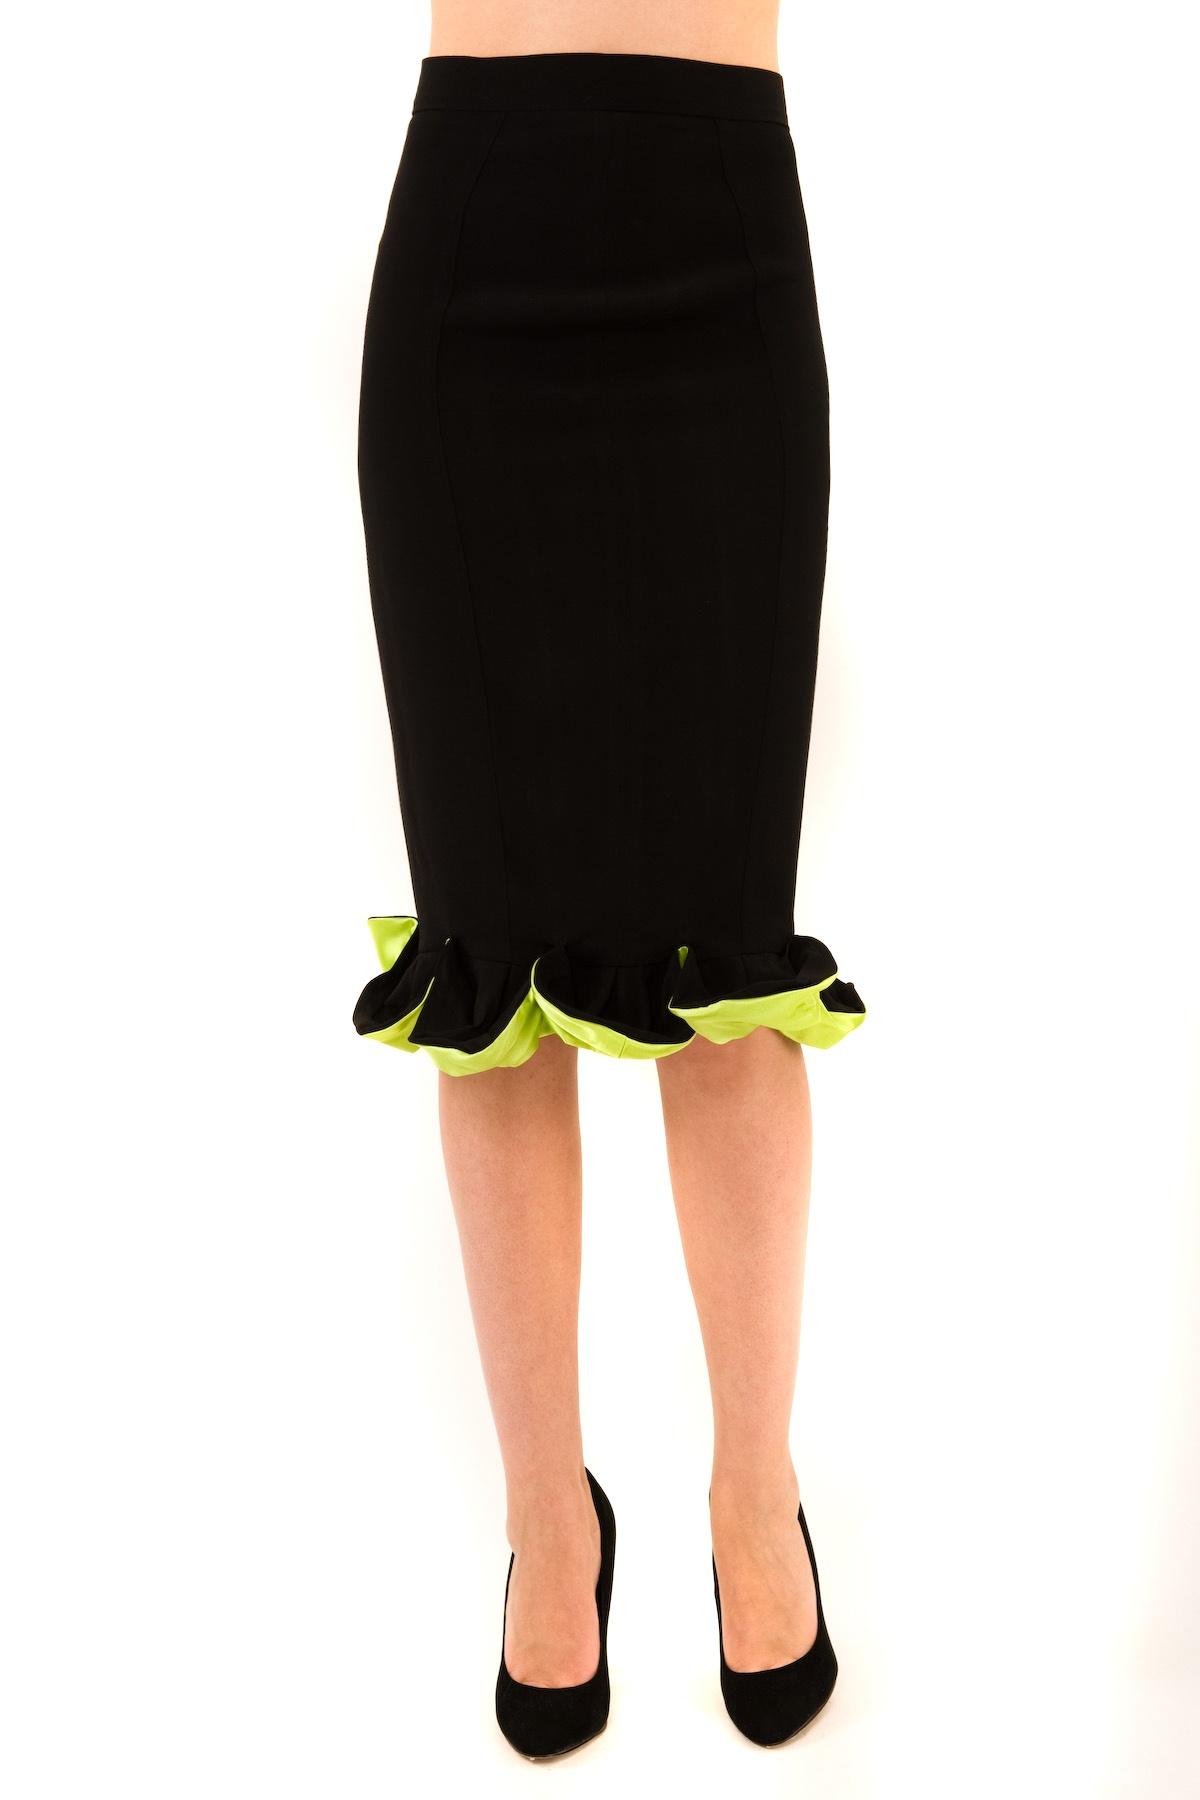 ЮбкаЖенские юбки и брюки<br>Стильная юбка Doctor E классической расцветки. Изделие привнесет в Ваш образ изысканную элегантность и непревзойденную роскошь. Идеально подойдет как для повседневного, так и для вечернего гардероба.<br><br>Цвет: черный,лайм<br>Состав: 99% вискоза, 1% лайкра<br>Размер: 40,42,44,46,48,56<br>Страна дизайна: Россия<br>Страна производства: Россия